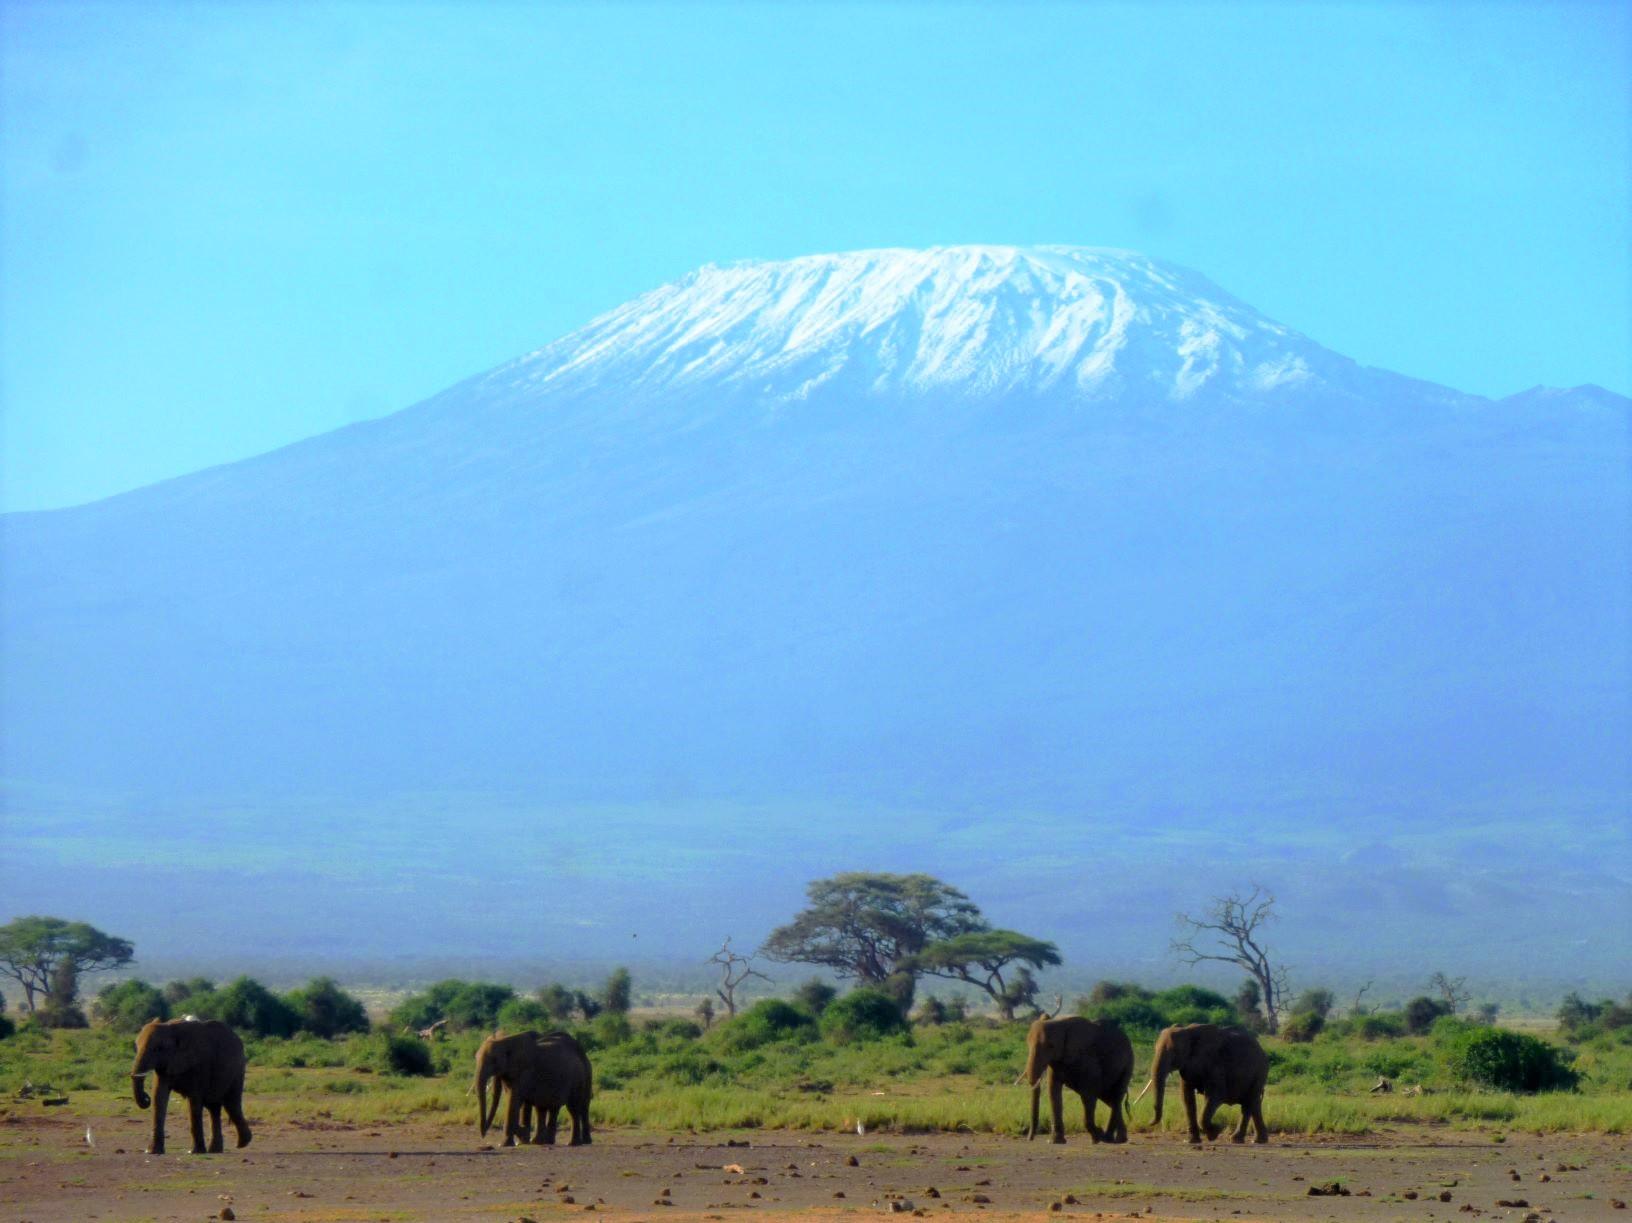 キリマンジャロをバックに悠々と歩くアフリカゾウの群れ(7・8日目)